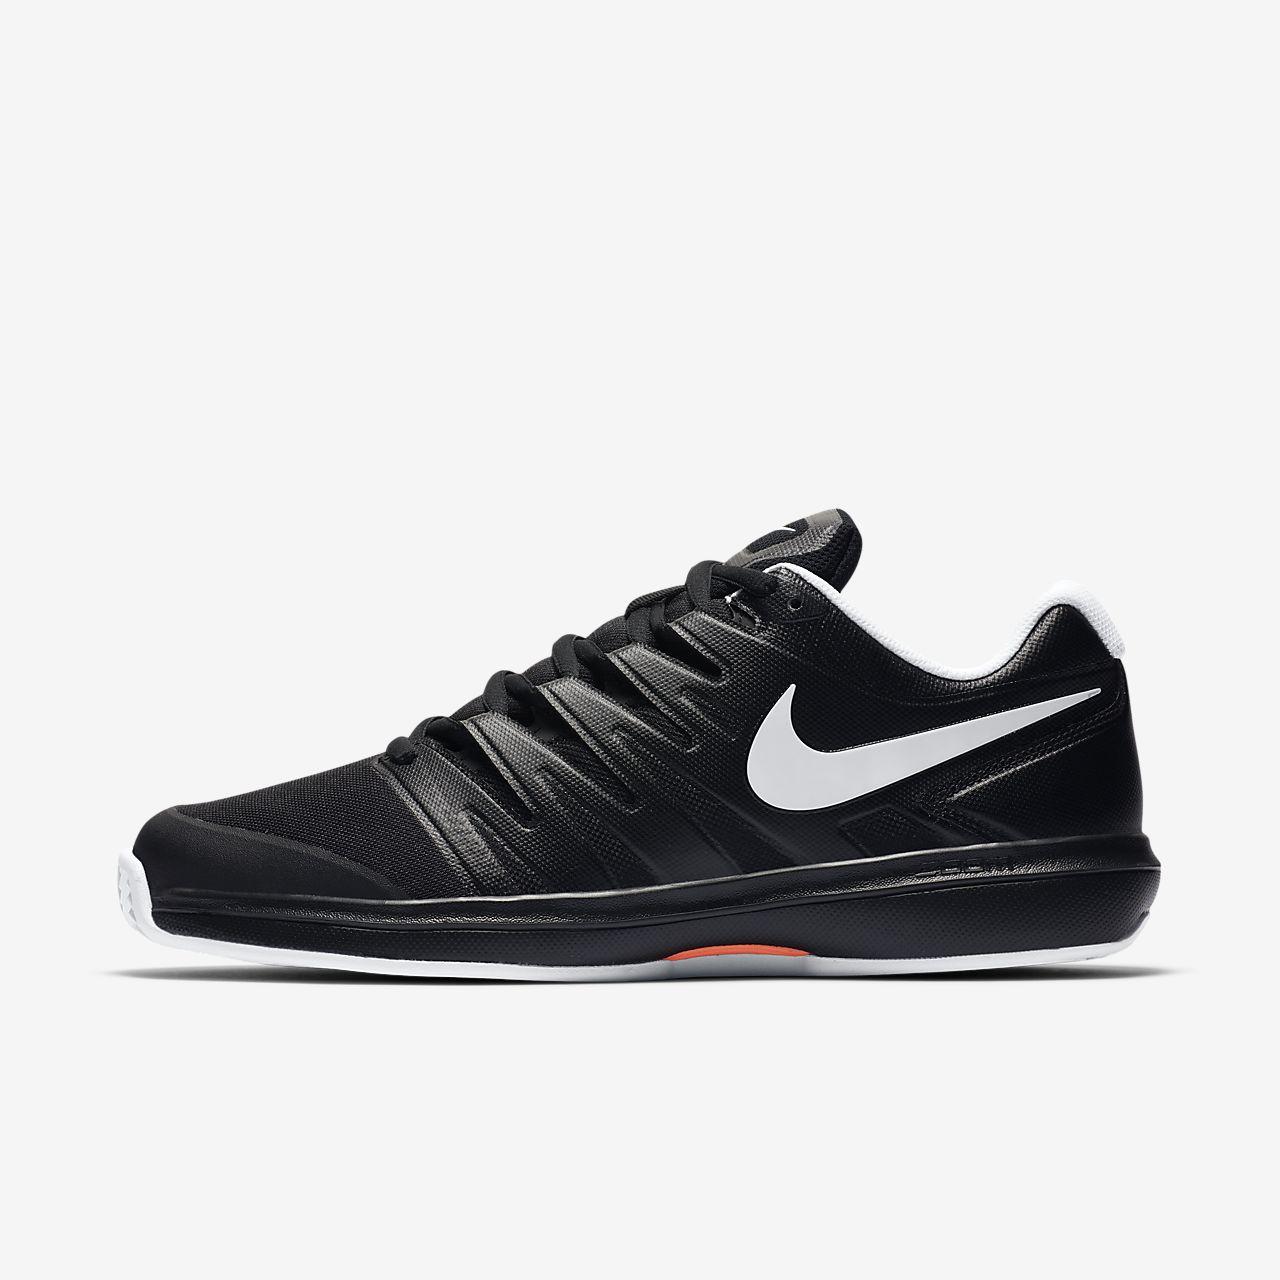 4124b4ab01d Nike Air Zoom Prestige Clay Zapatillas de tenis - Hombre. Nike.com ES